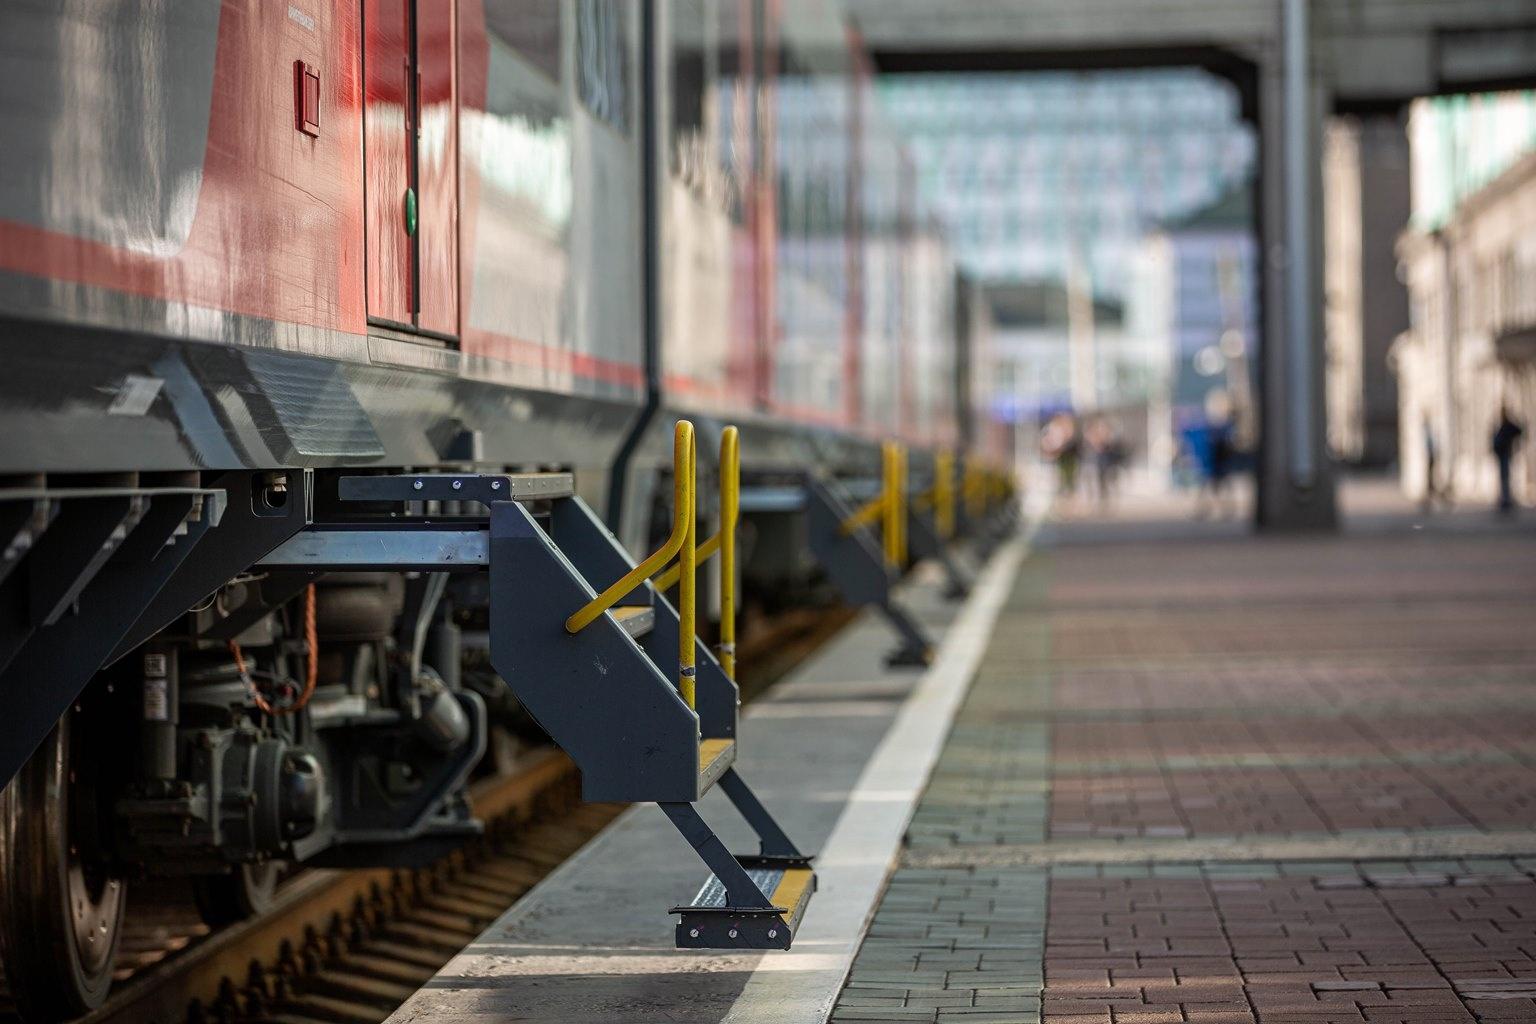 В каждом вагоне по две автоматические раздвижные двери на каждой стороне. Пассажиров встречает выдвигающаяся лестница — первая ступенька как раз достаёт до перрона